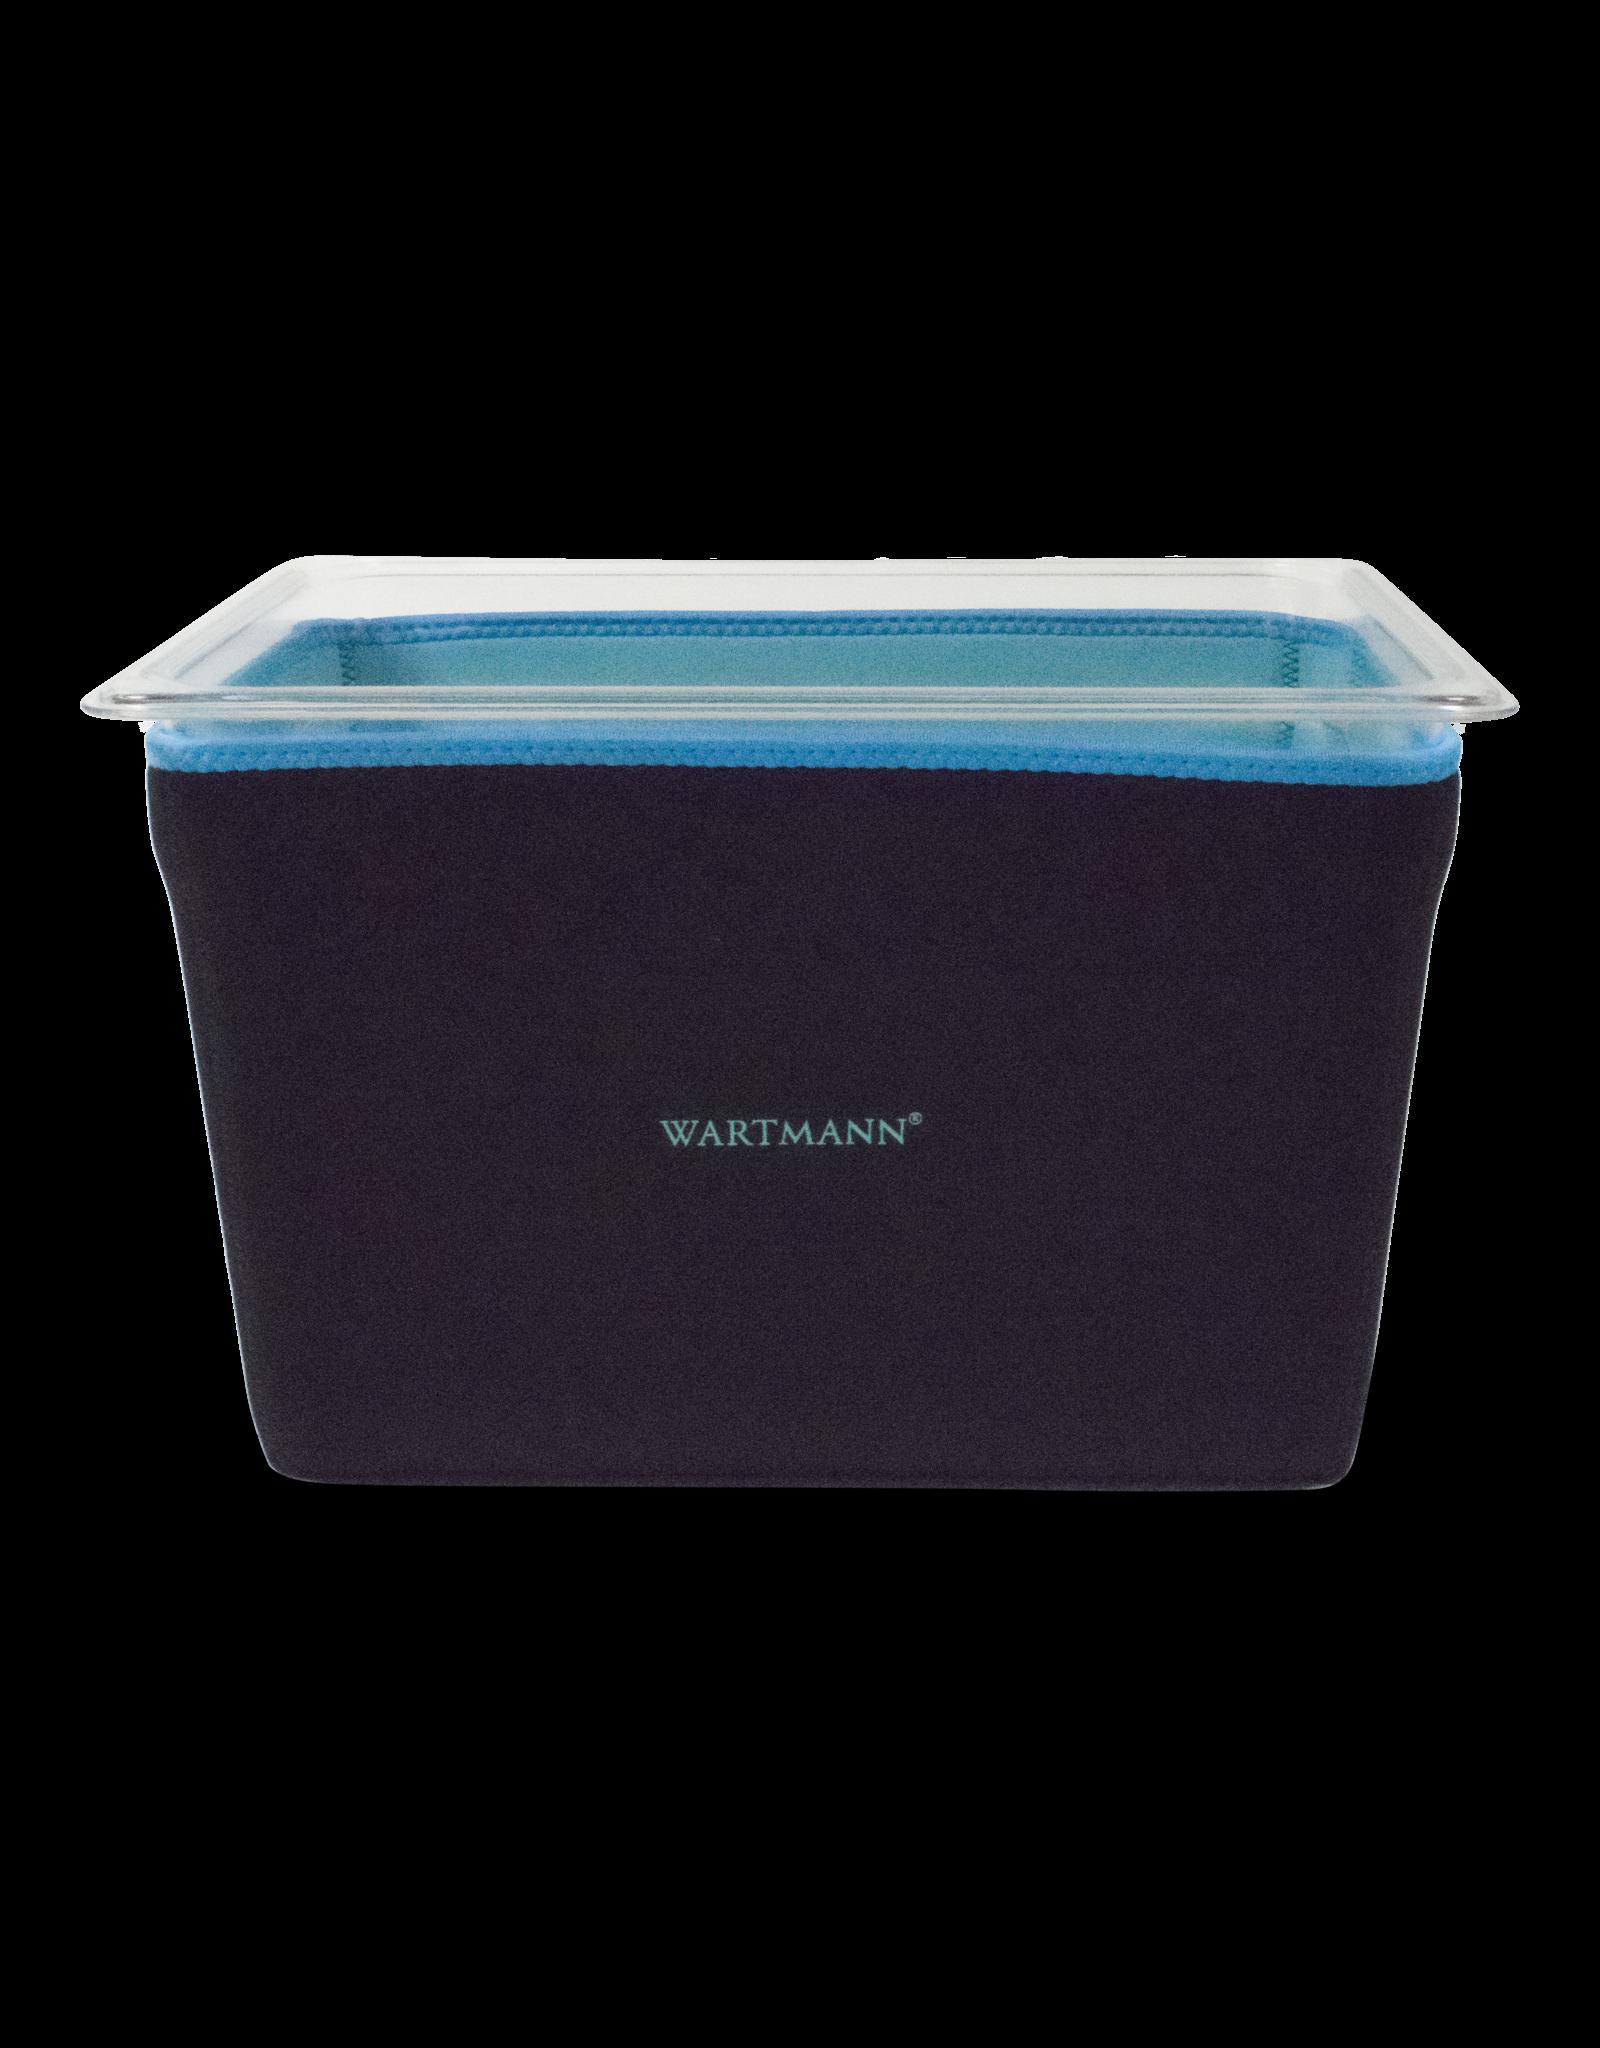 Wartmann Thermische isolatiehoes/sleeve voor de 12 liter waterbak